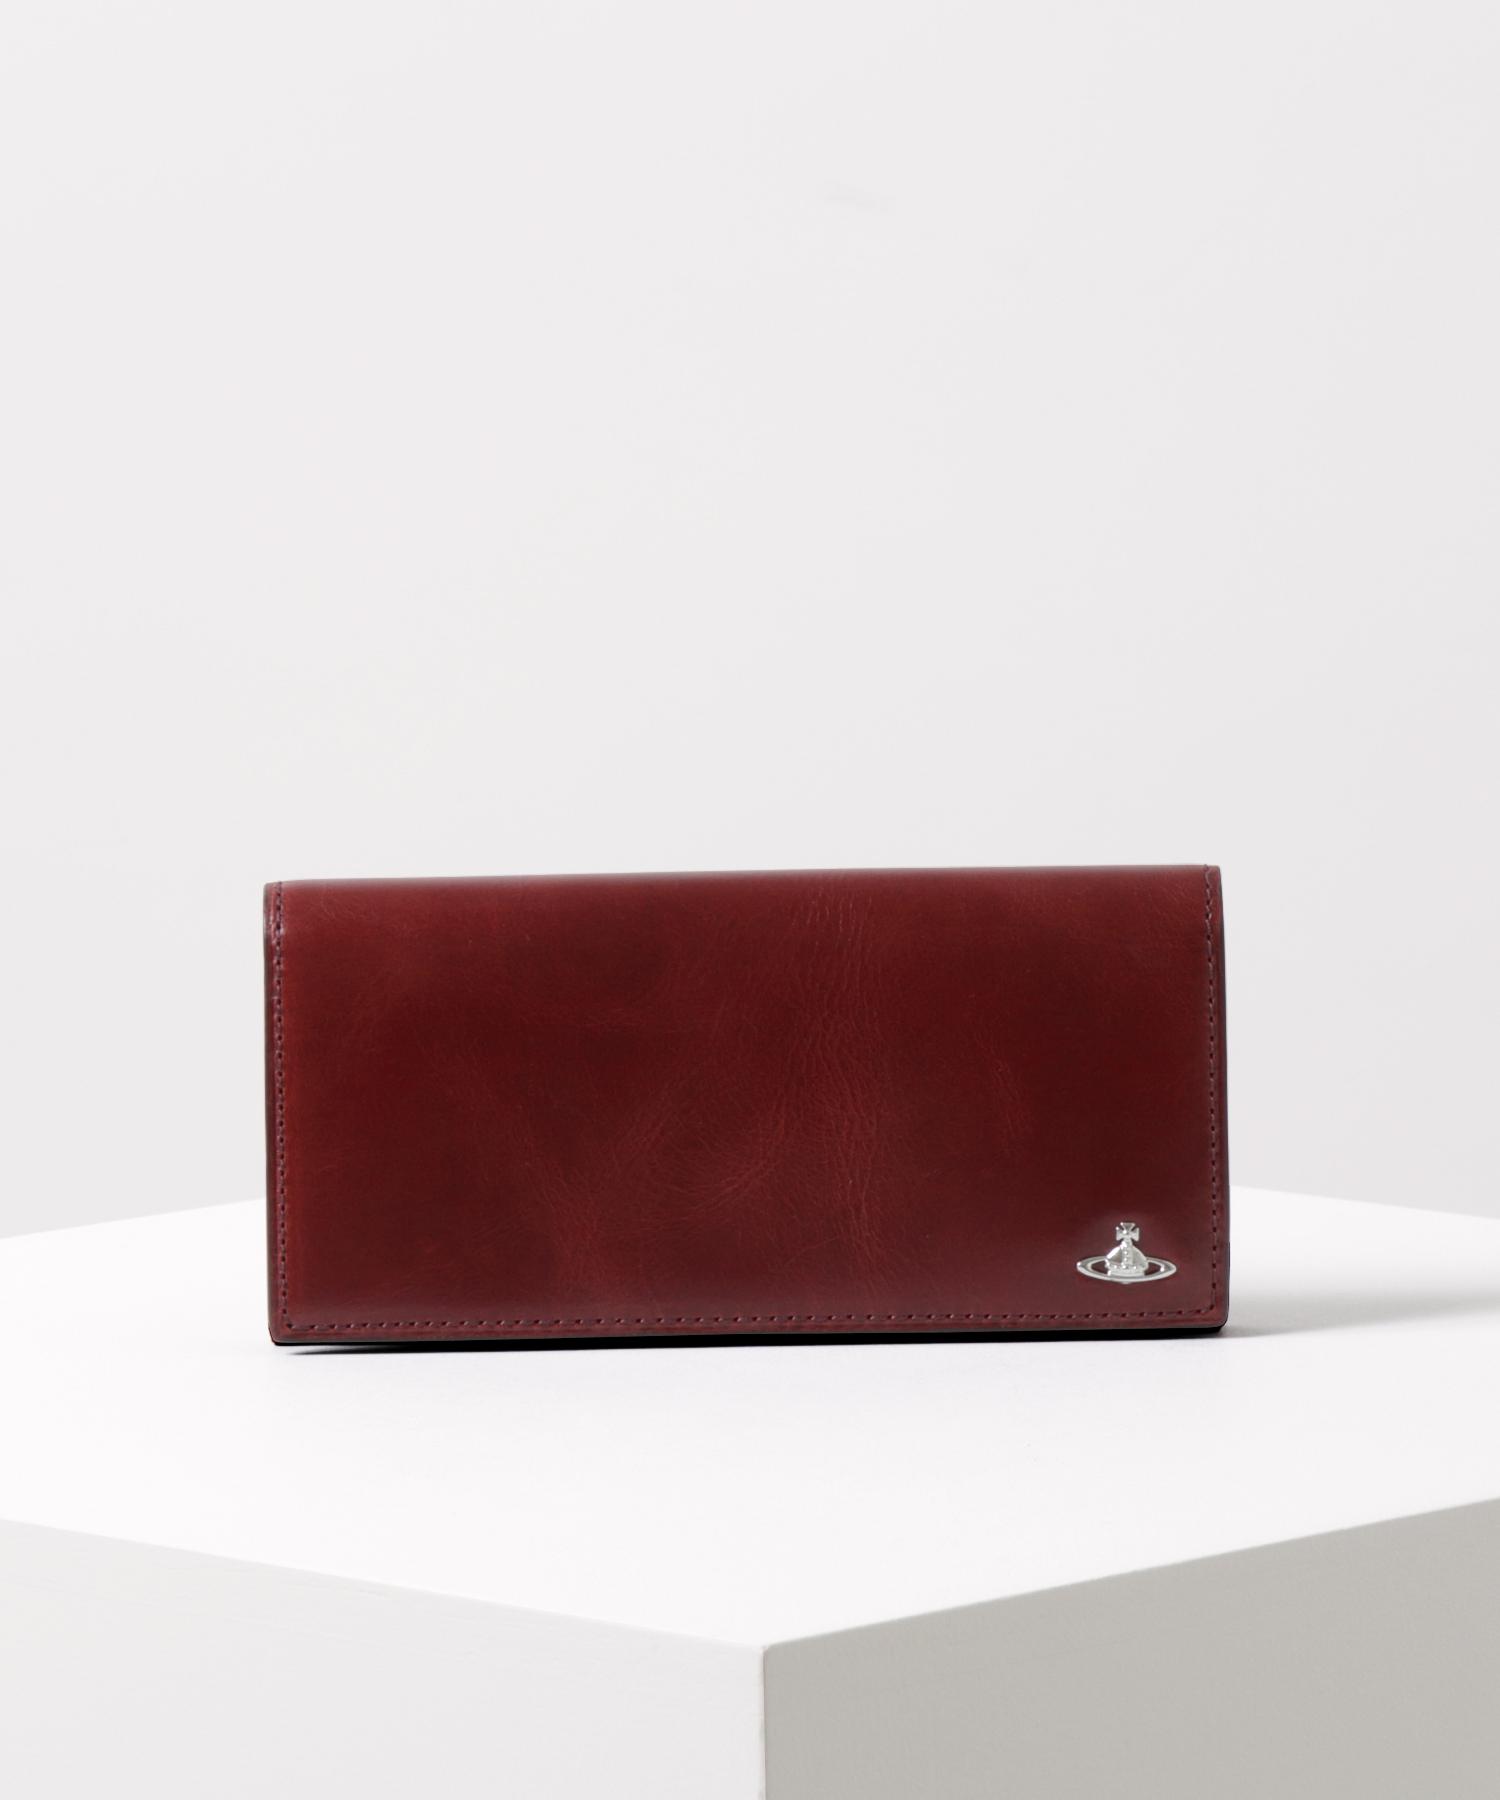 ハードプルアップ 長財布